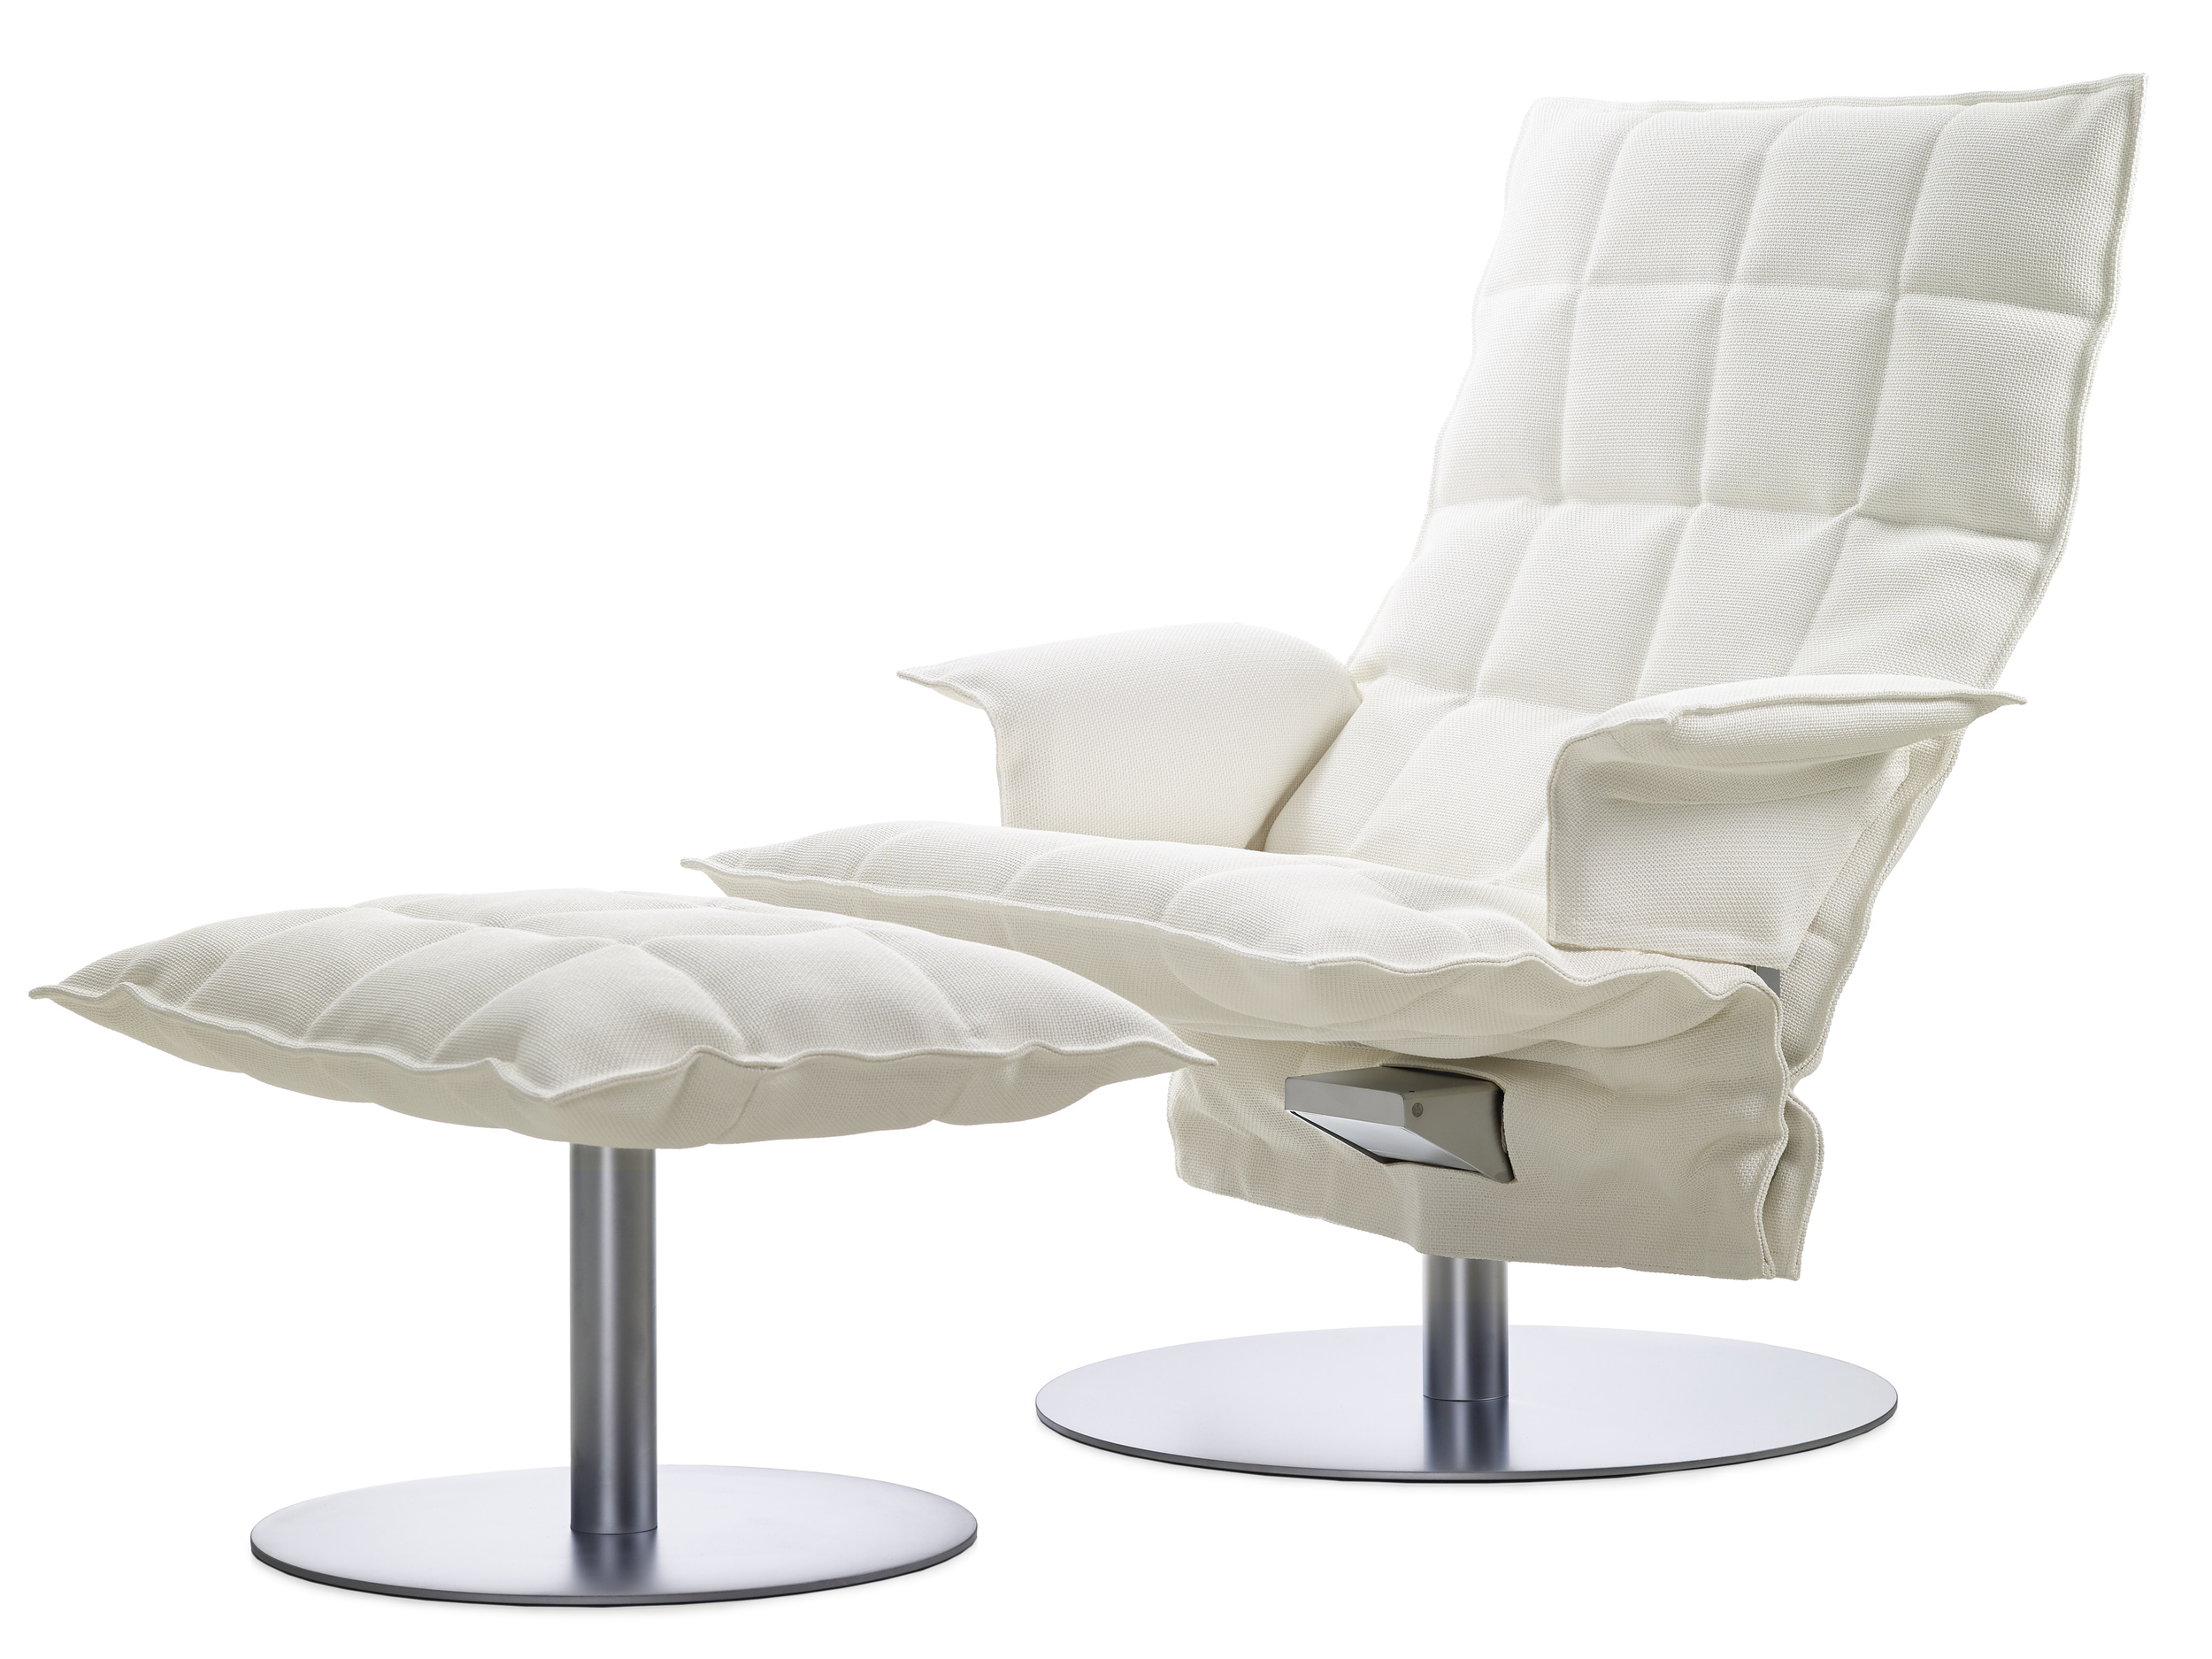 swivel rocking chair parts countertop height folding chairs k with armrest..käsinojallinen tuoli — woodnotes